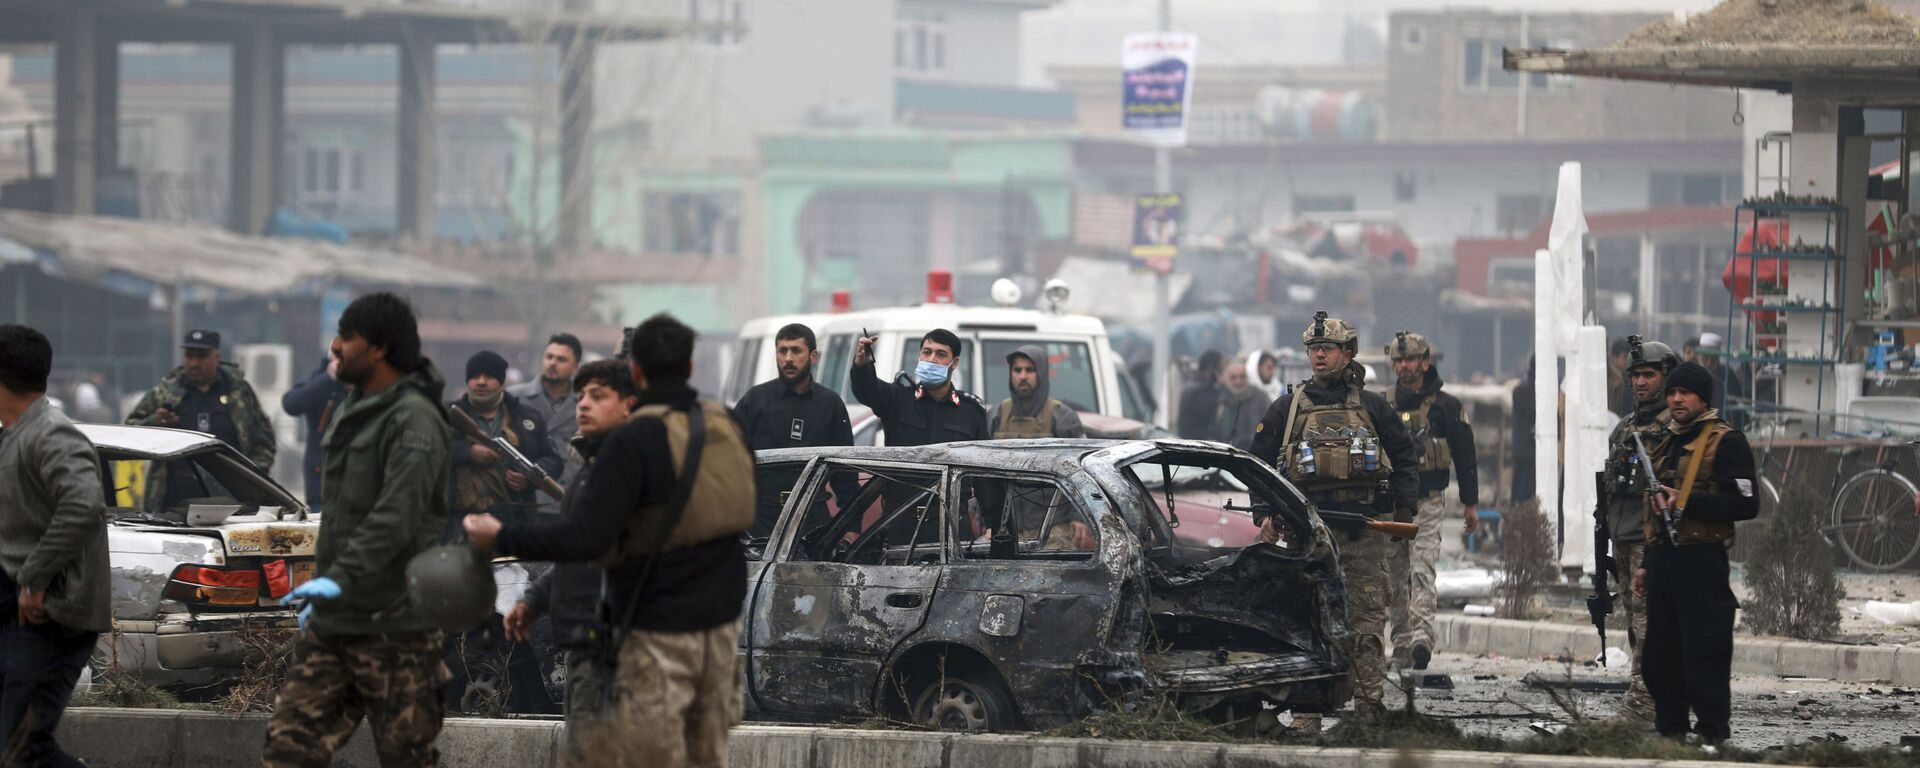 Сотрудники службы безопасности Афганистана осматривают место взрыва бомбы в Кабуле, 20 декабря 2020 - Sputnik Таджикистан, 1920, 24.06.2021